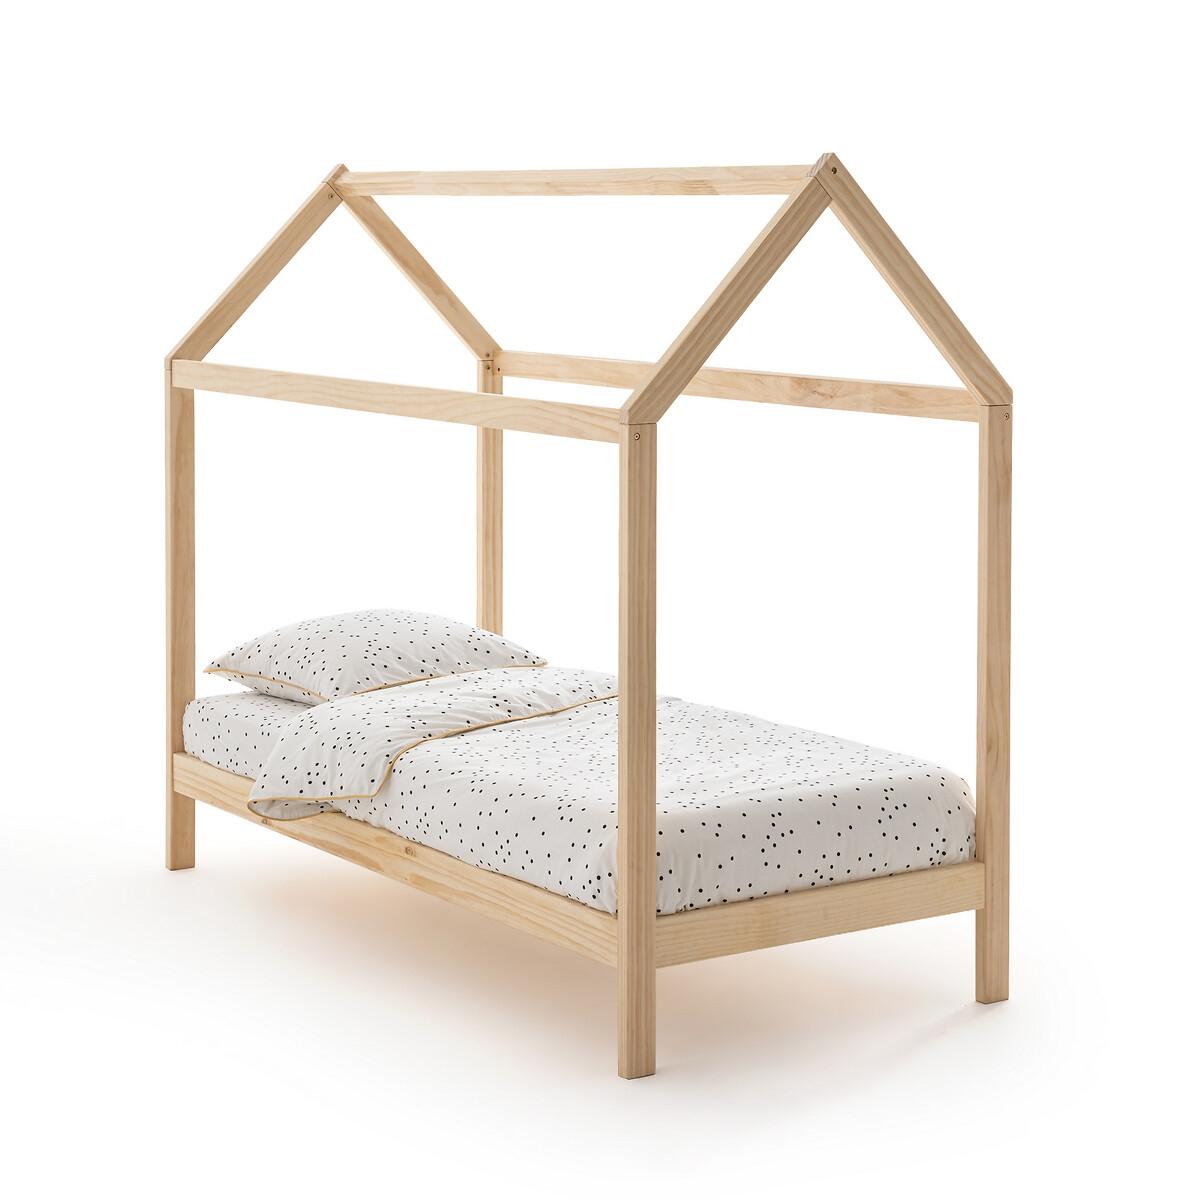 Кровать-шатер LaRedoute Из массива сосны Archi 90 x 190 см каштановый